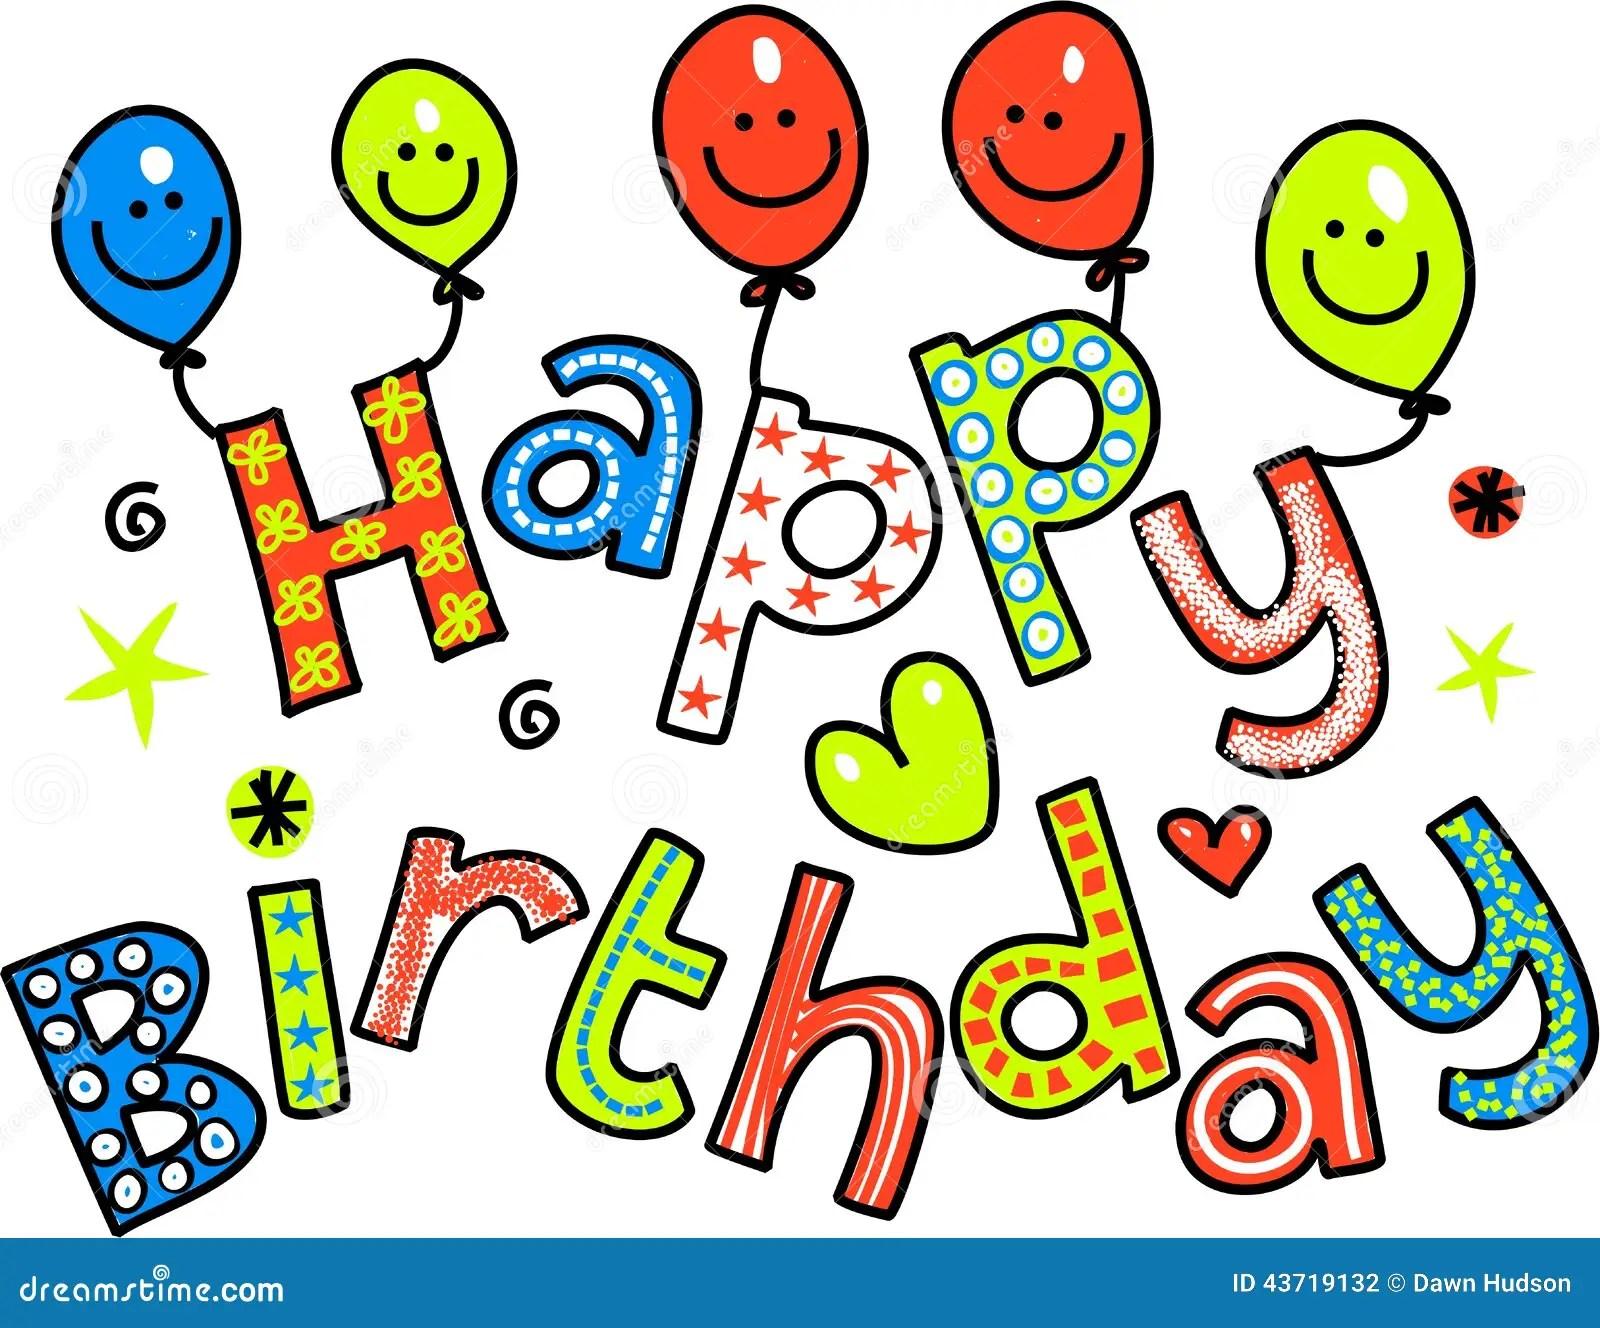 Happy Birthday Celebration Text Stock Illustration